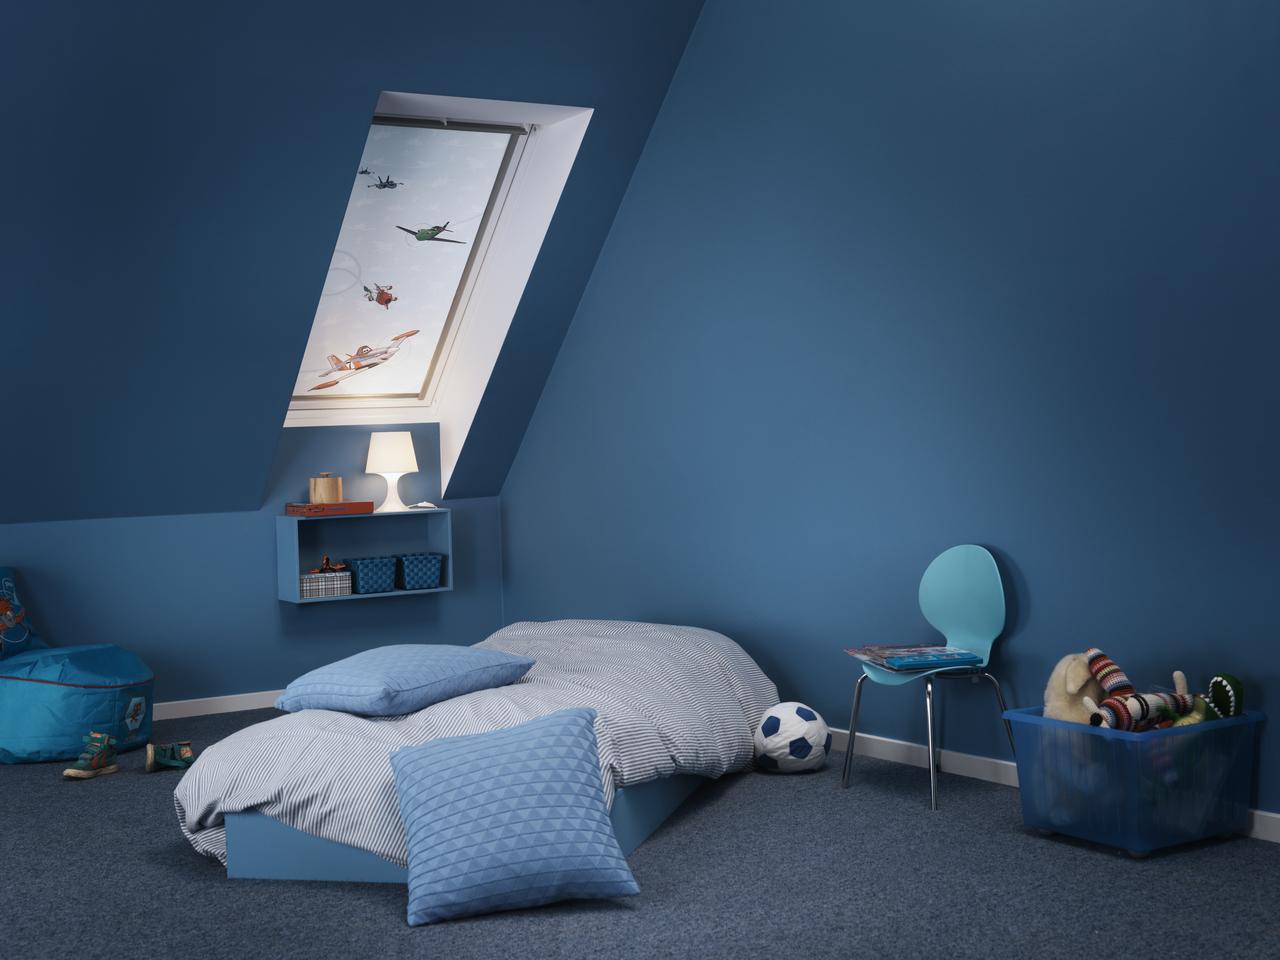 Una camera da letto blu per riposare meglio - Tinte camere da letto ...